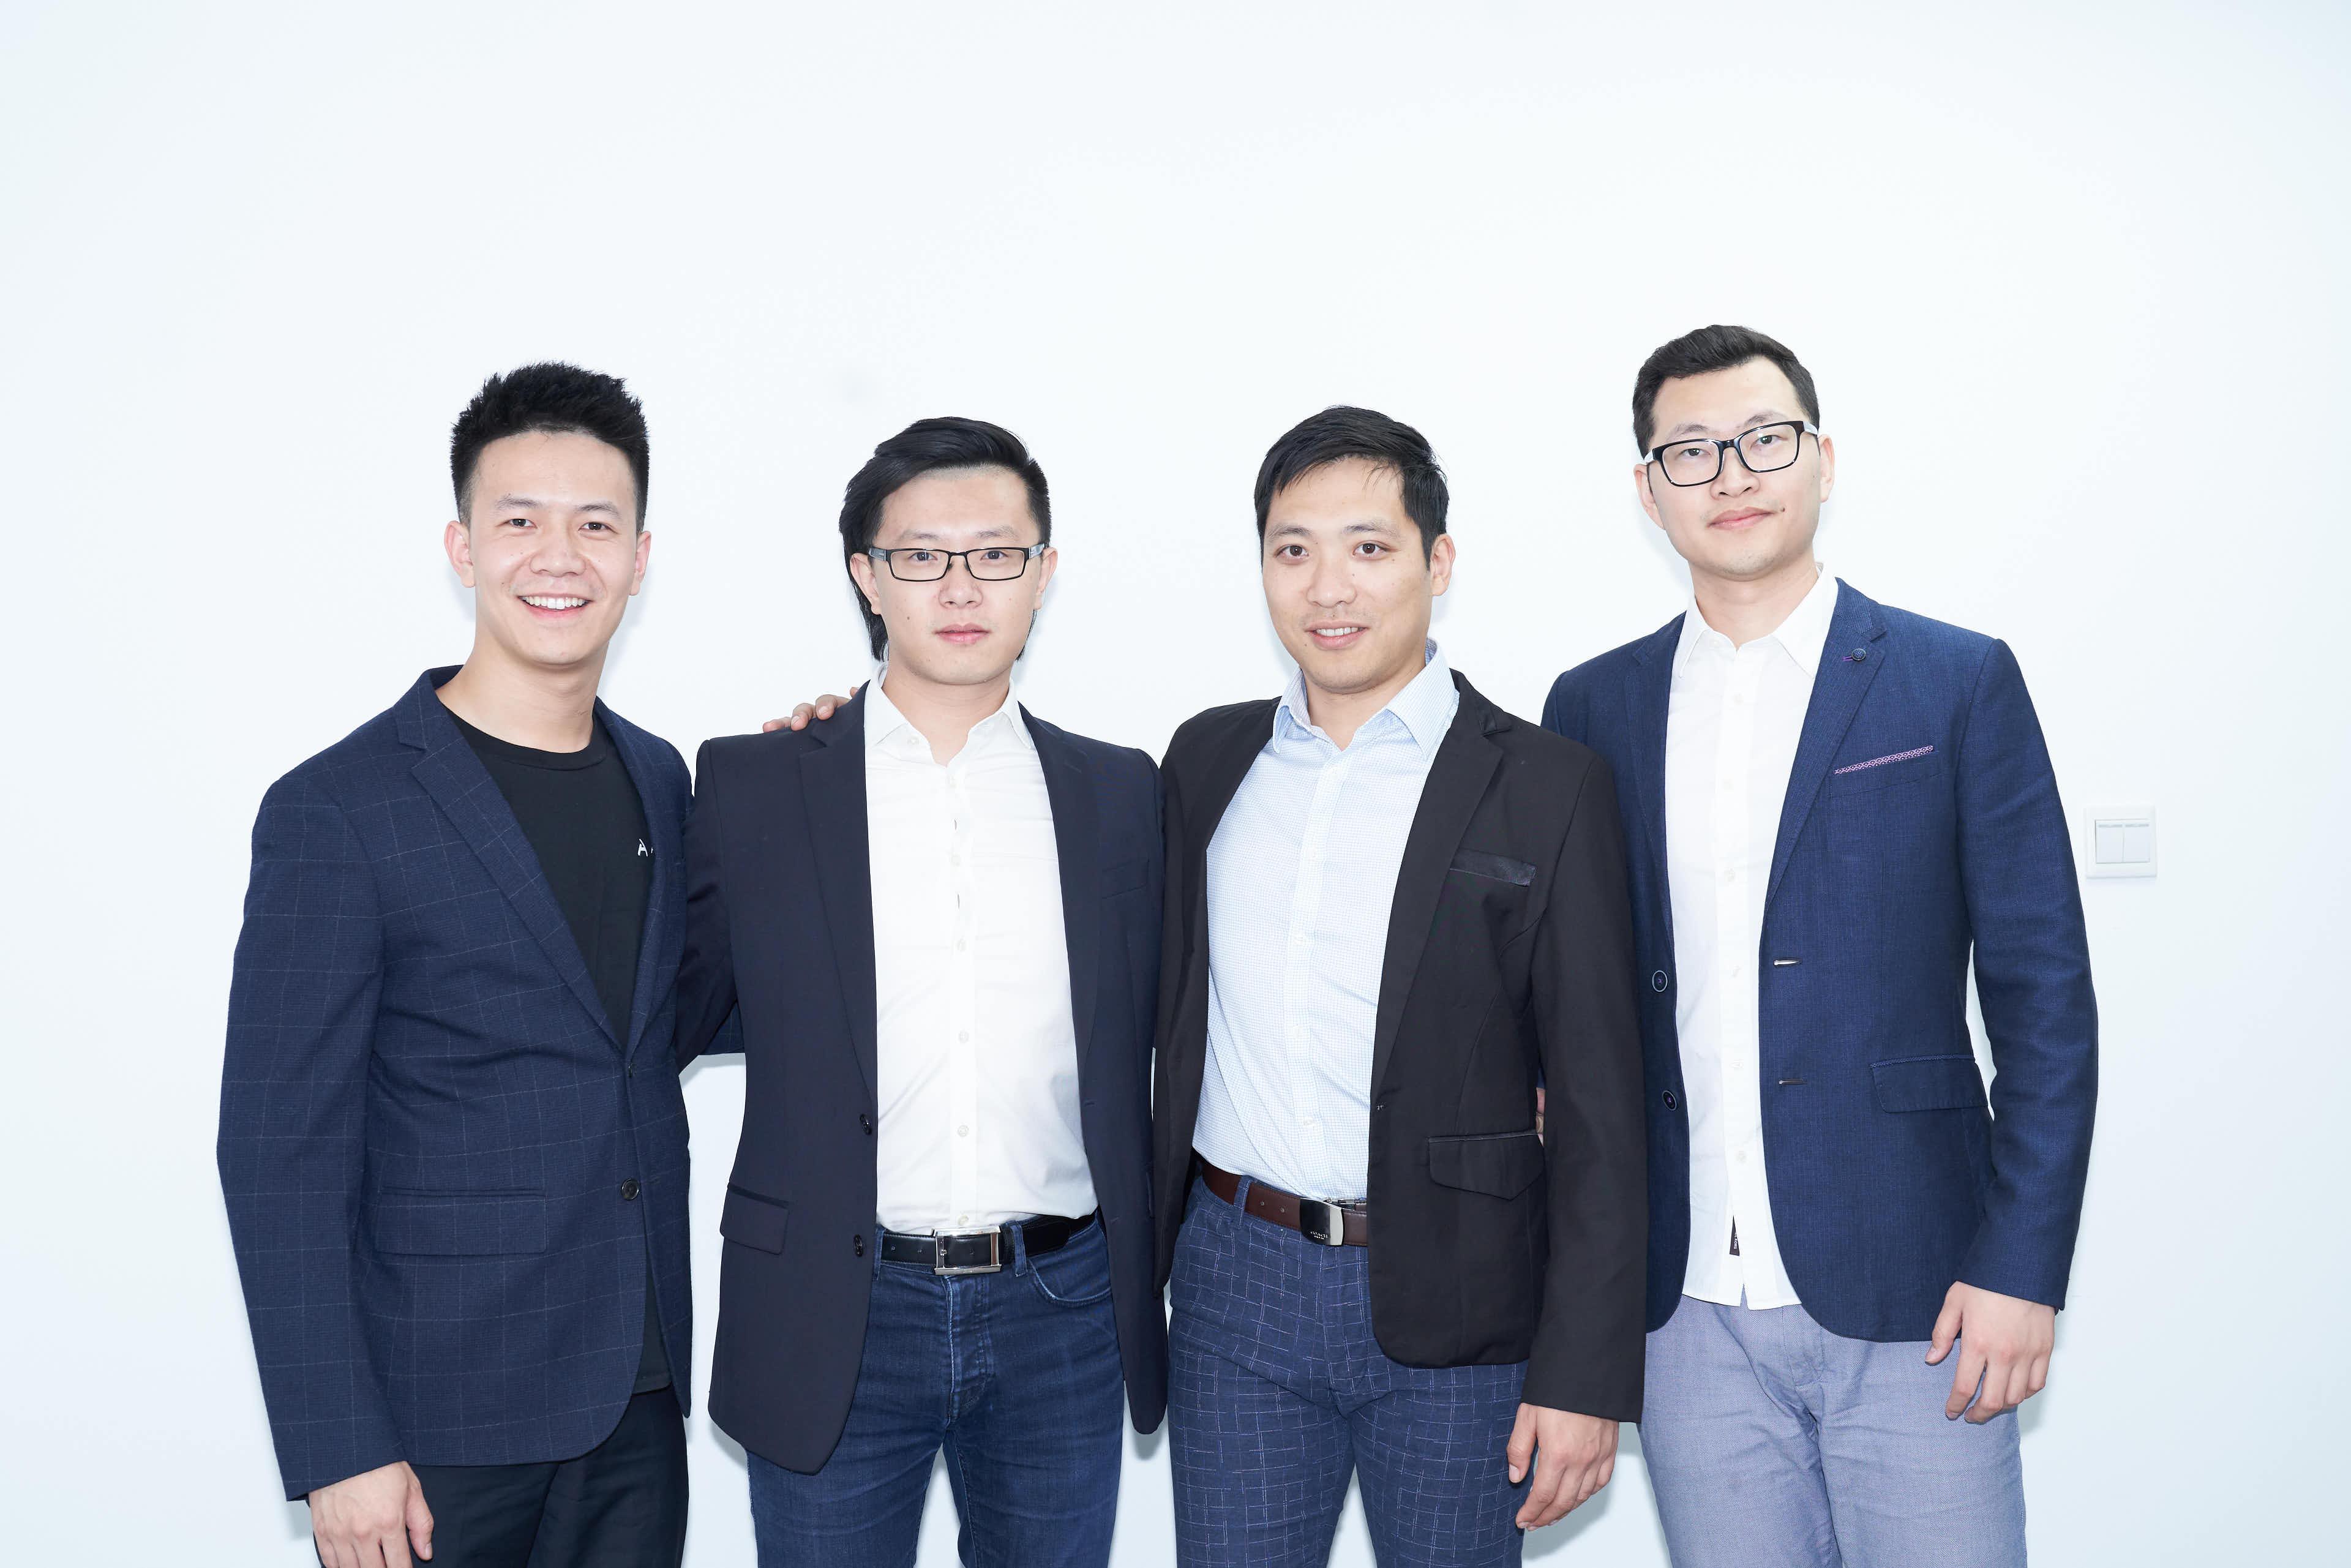 专访首个中韩联合IEO项目ARPA:用MPC技术破解数据隐私难题,主网年底上线